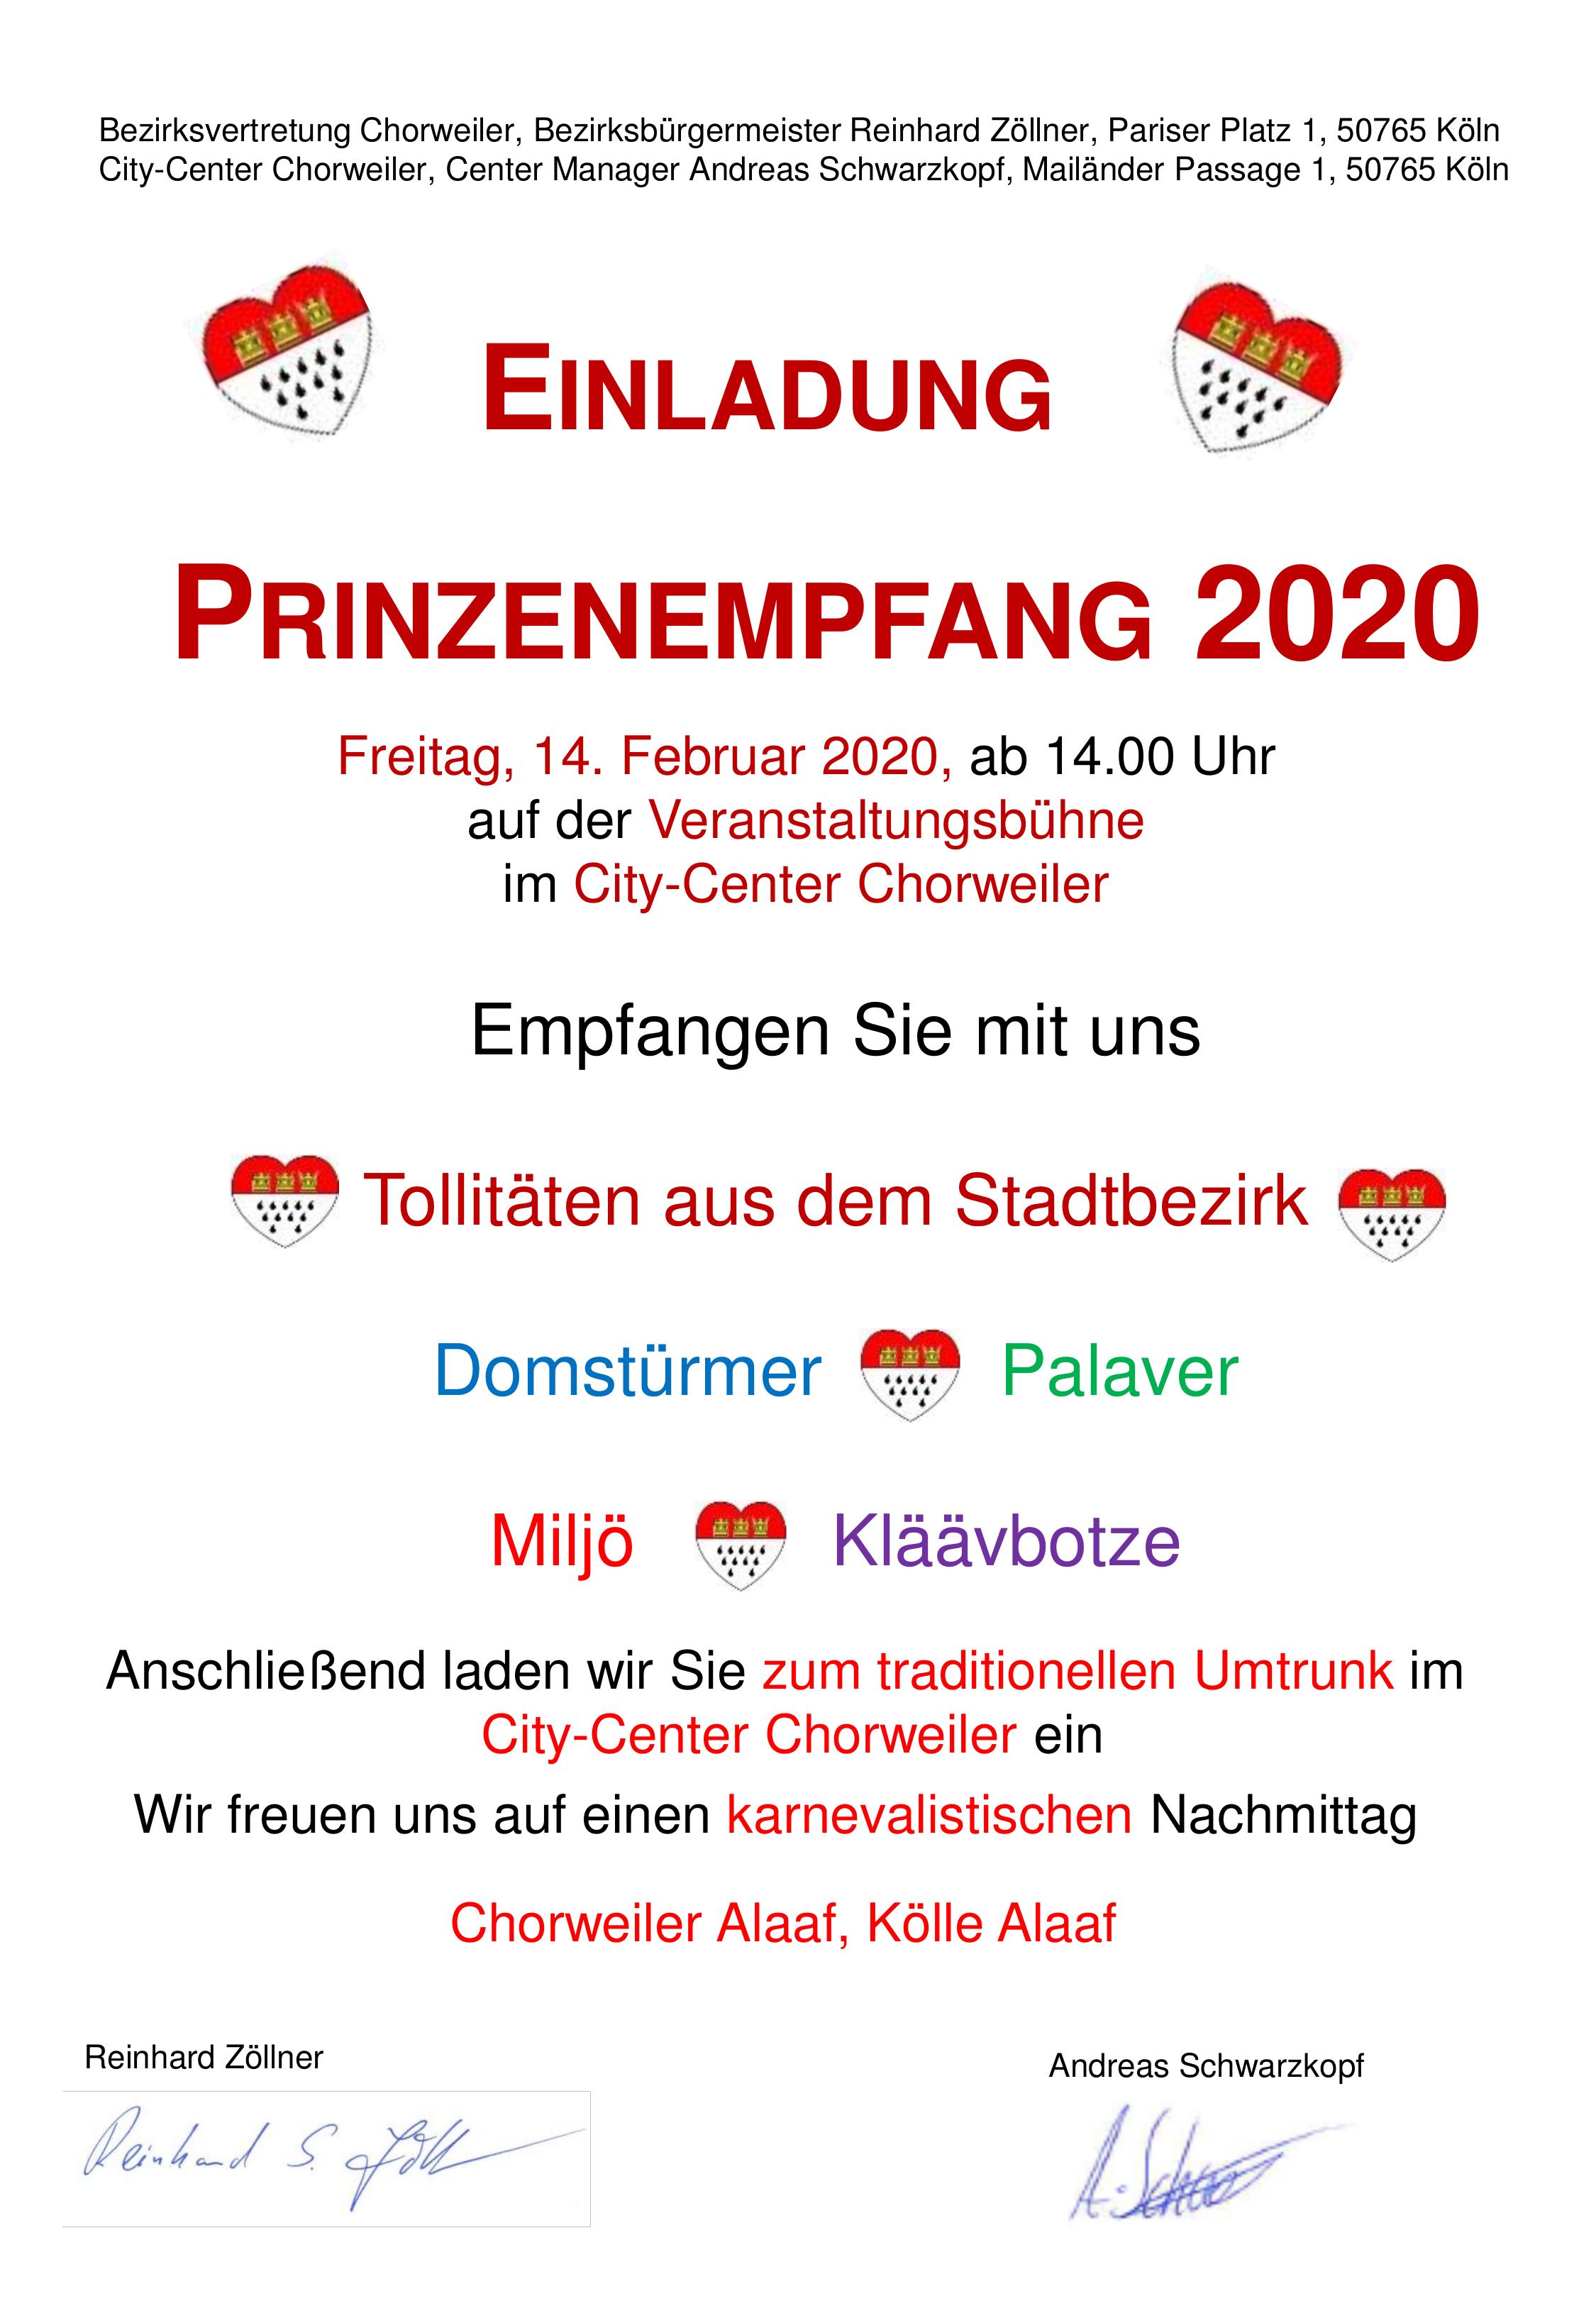 Einladung Prinzenempfang 2020